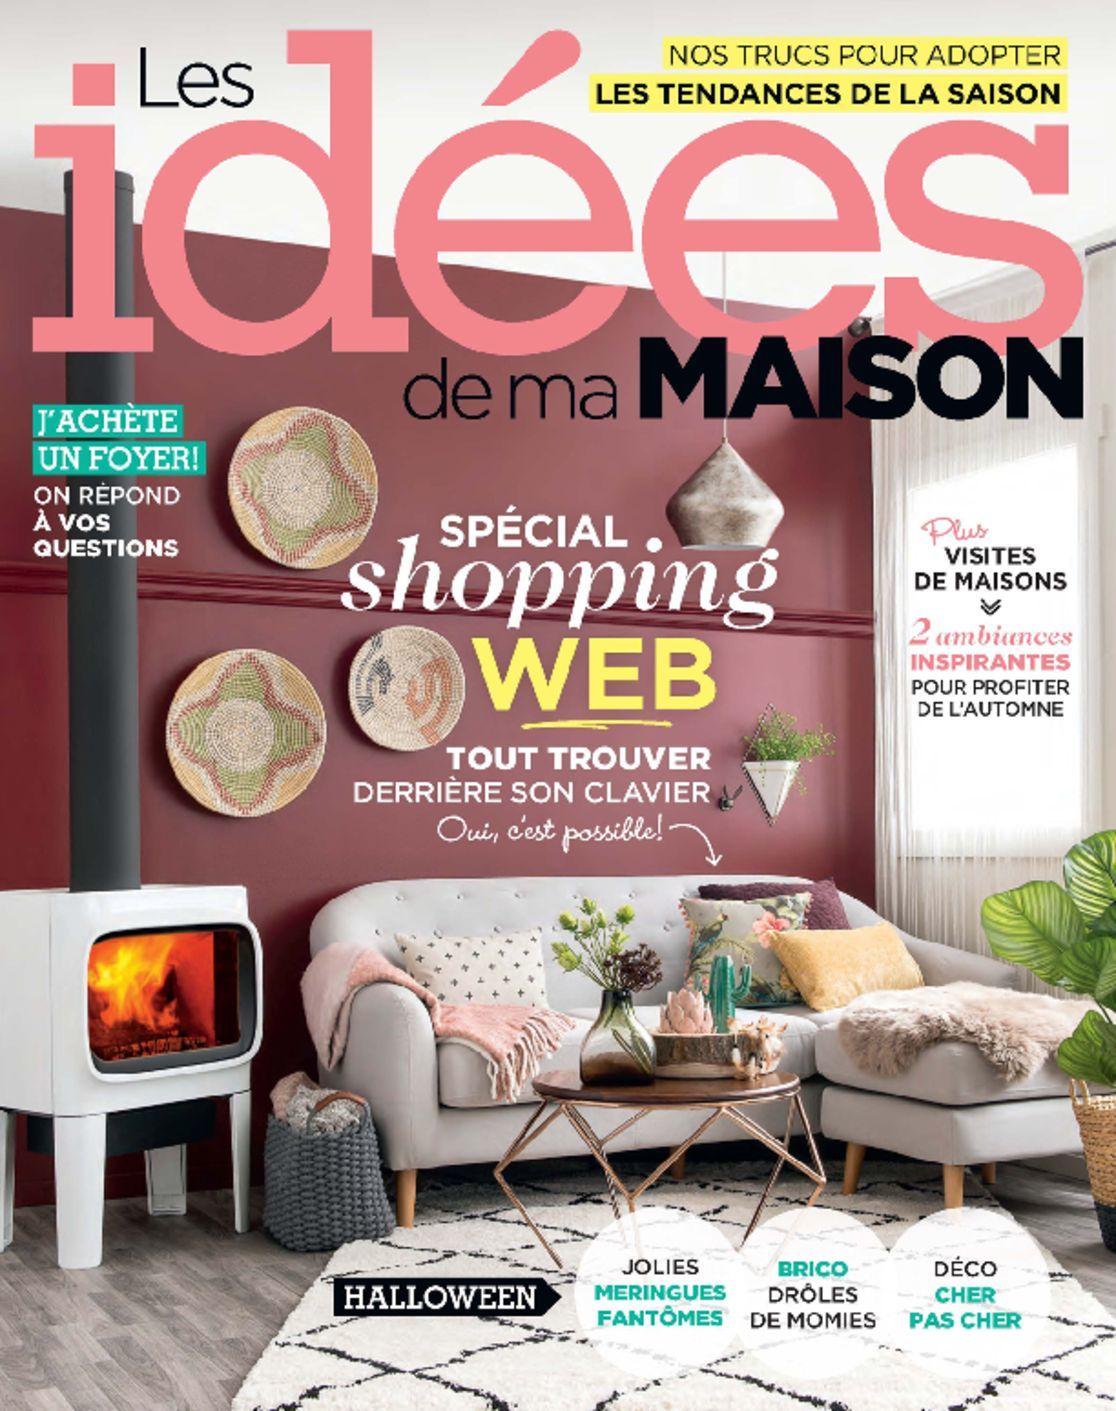 Les id es de ma maison magazine digital for Les idees de ma maison